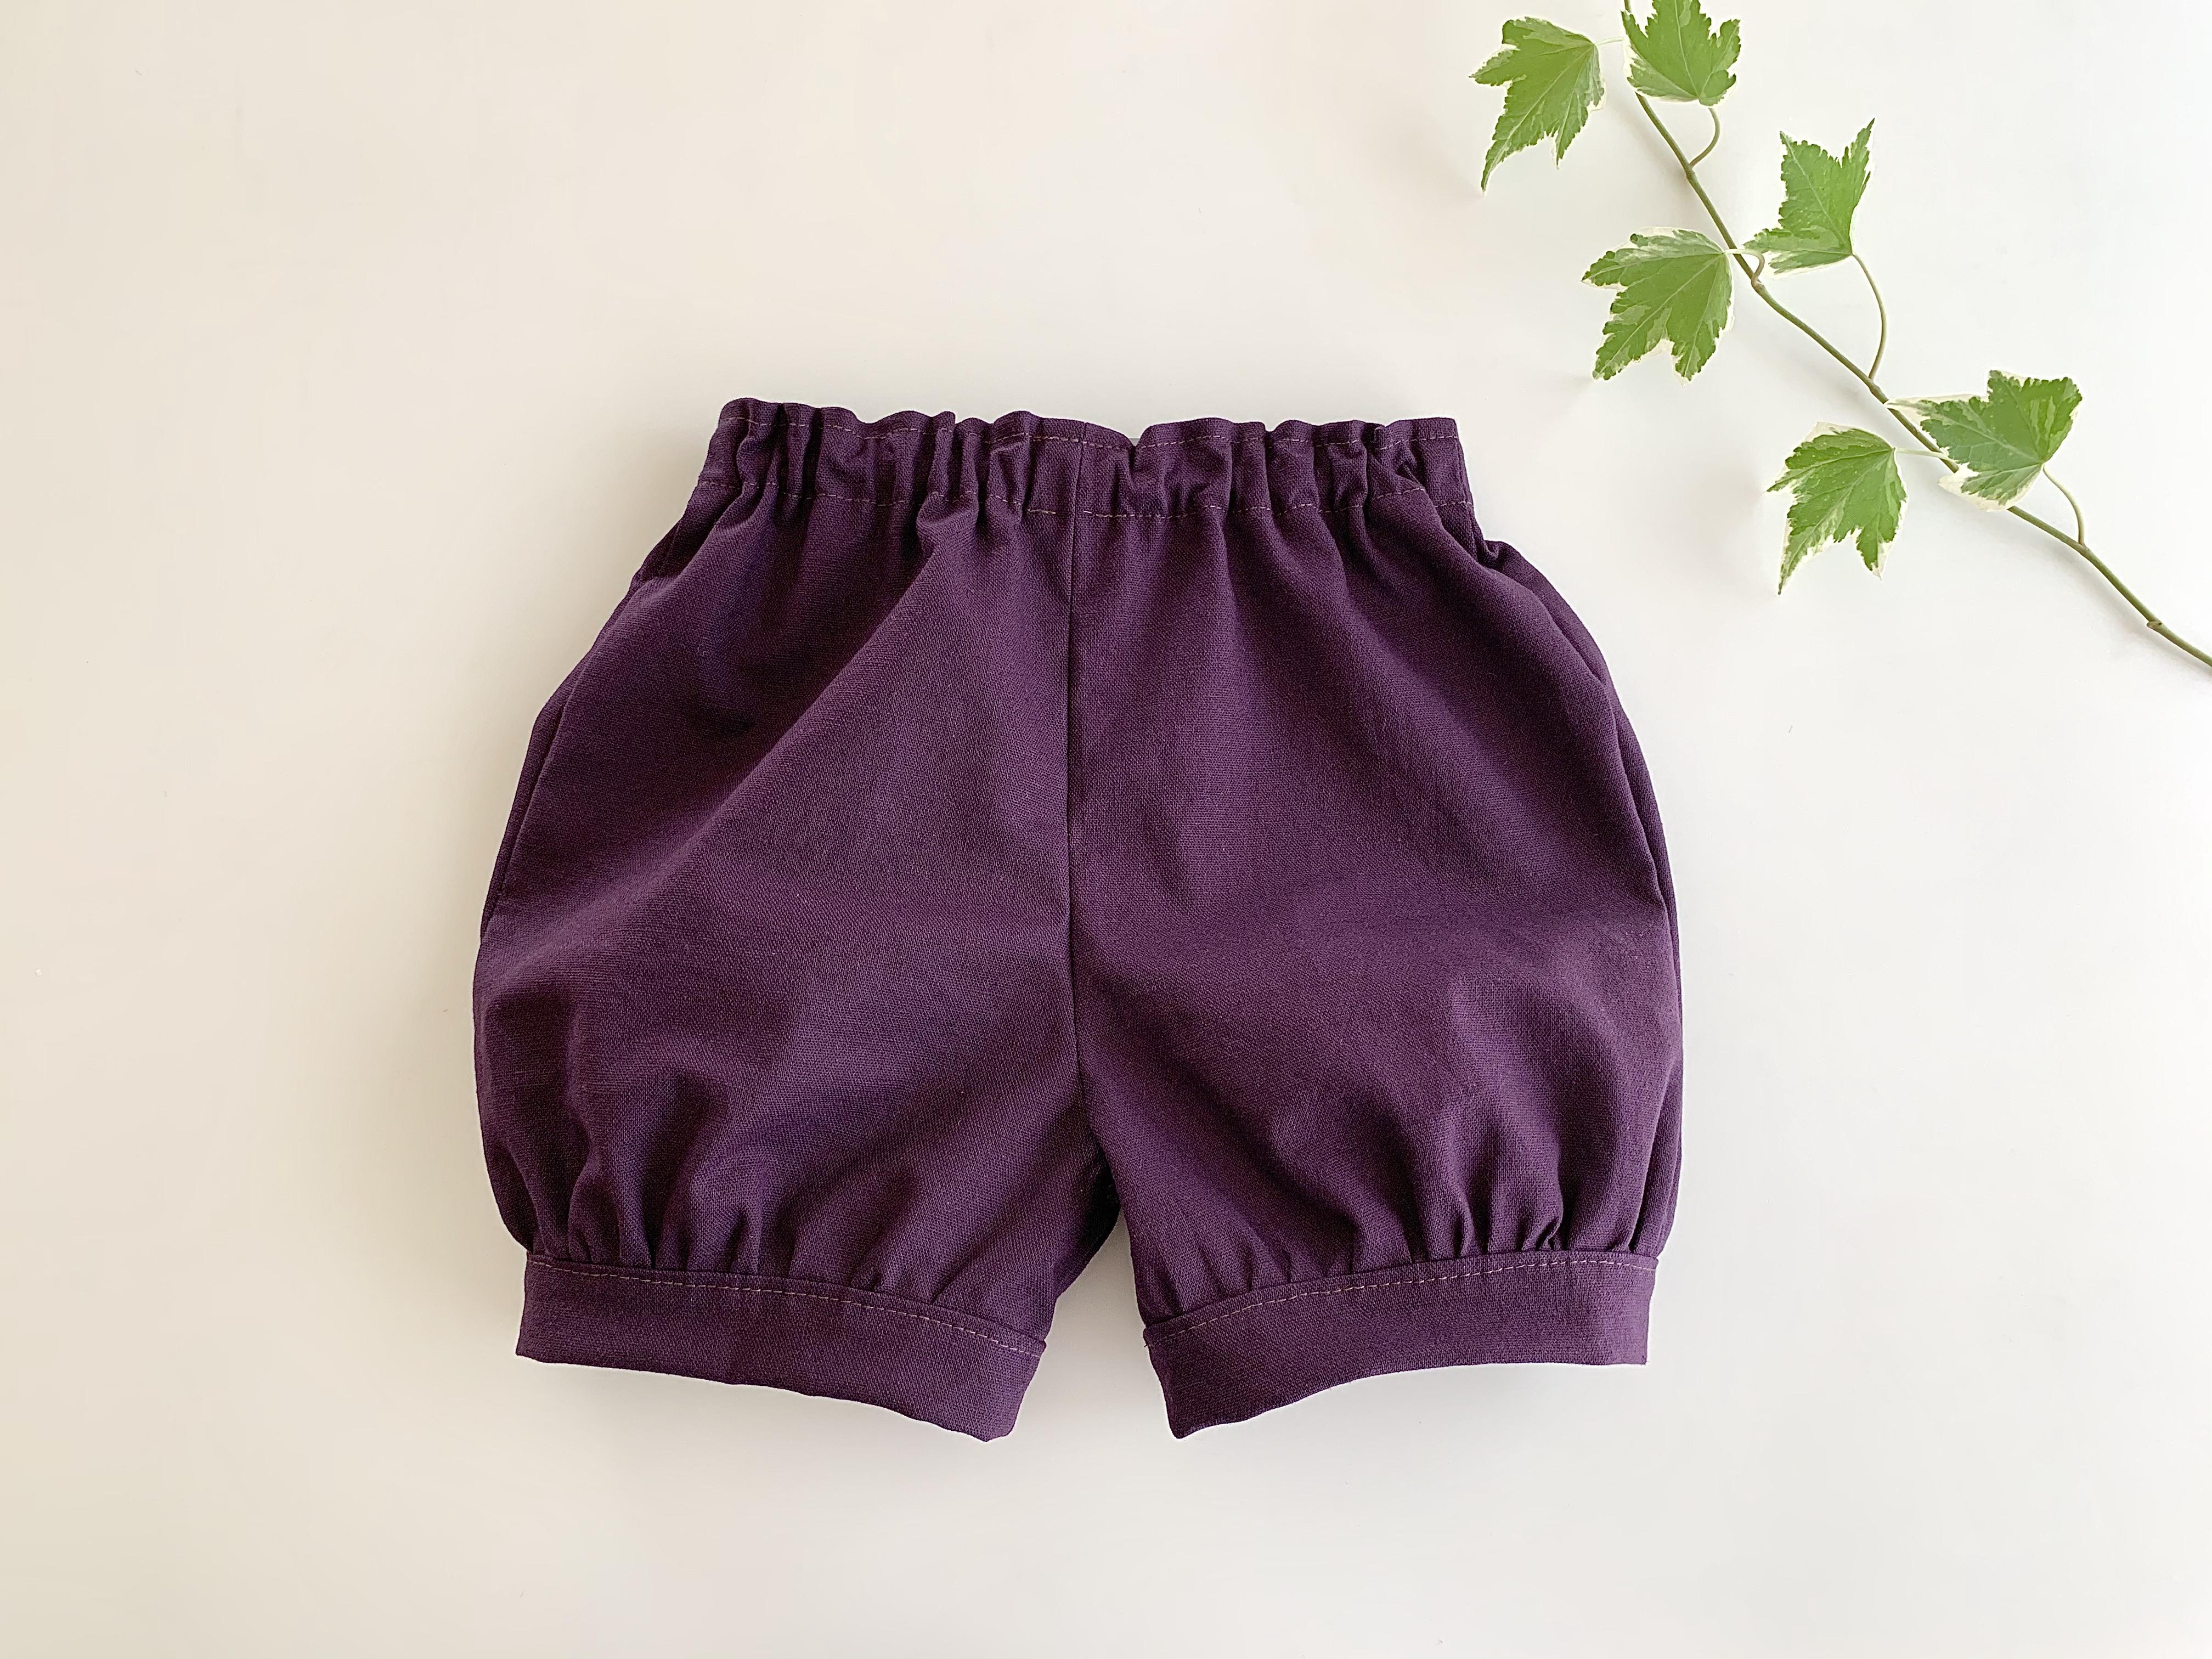 綿麻の かぼちゃパンツ・紫色無地 80cm